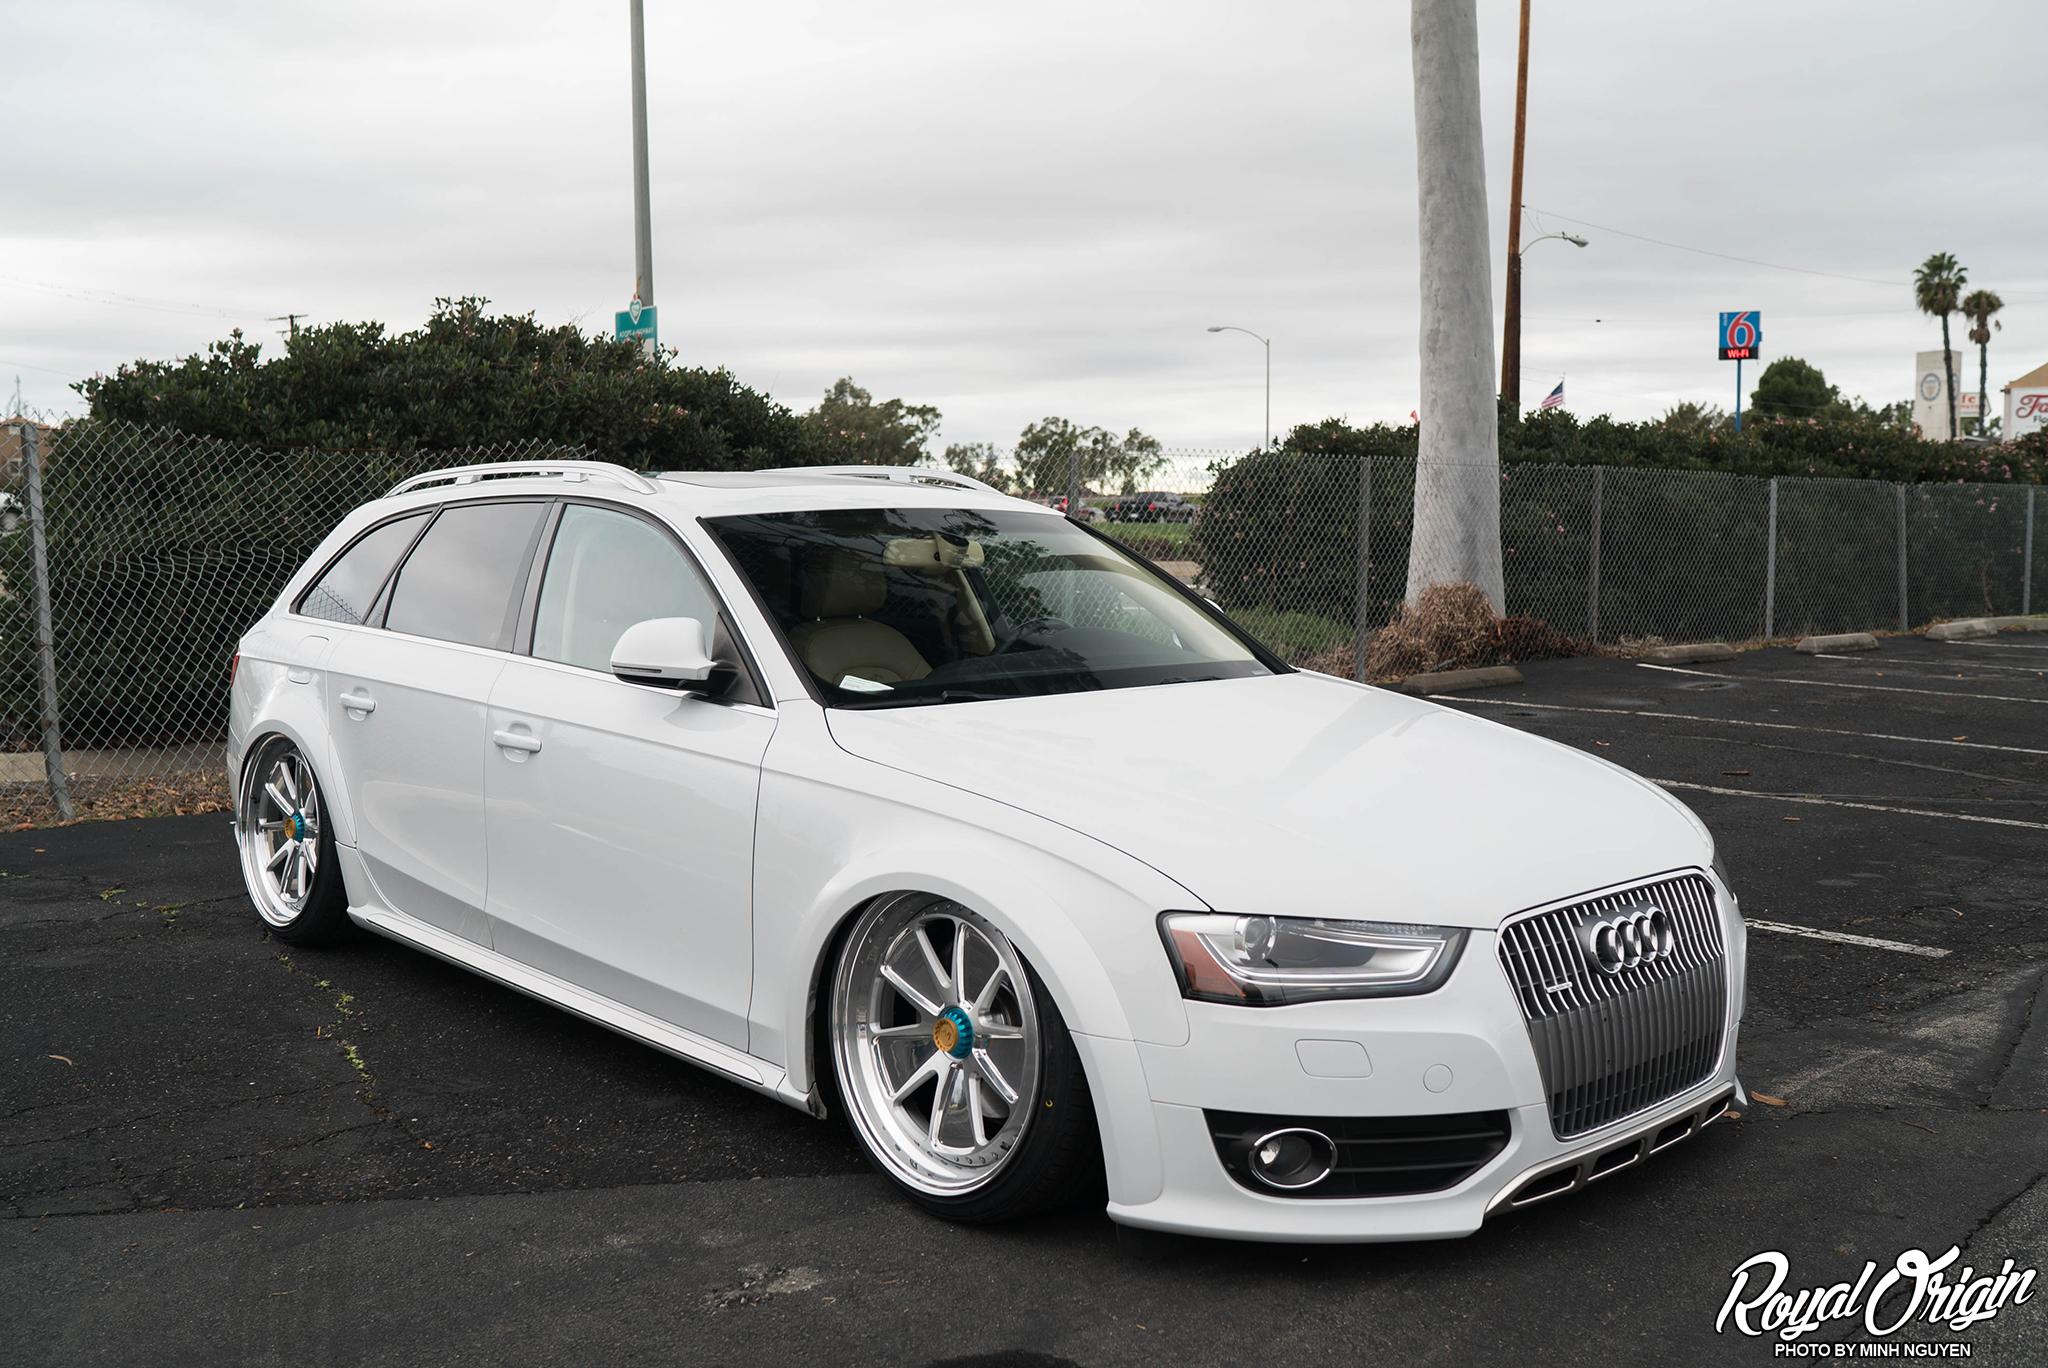 Davids Audi All Road Car Porn Royal Origin - Audi car origin